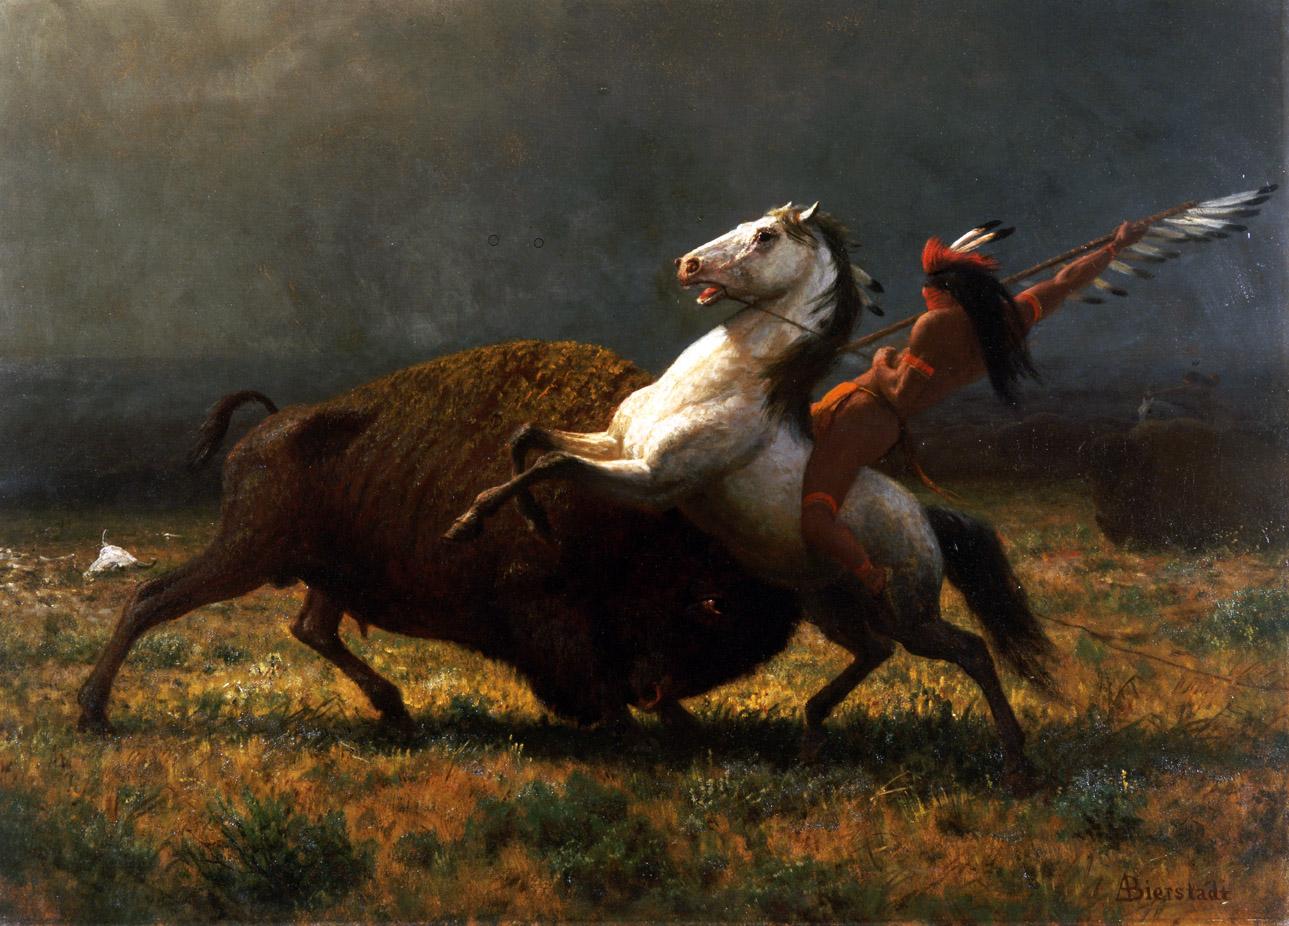 The Last of the Buffalo, by Albert Bierstadt, 1888.